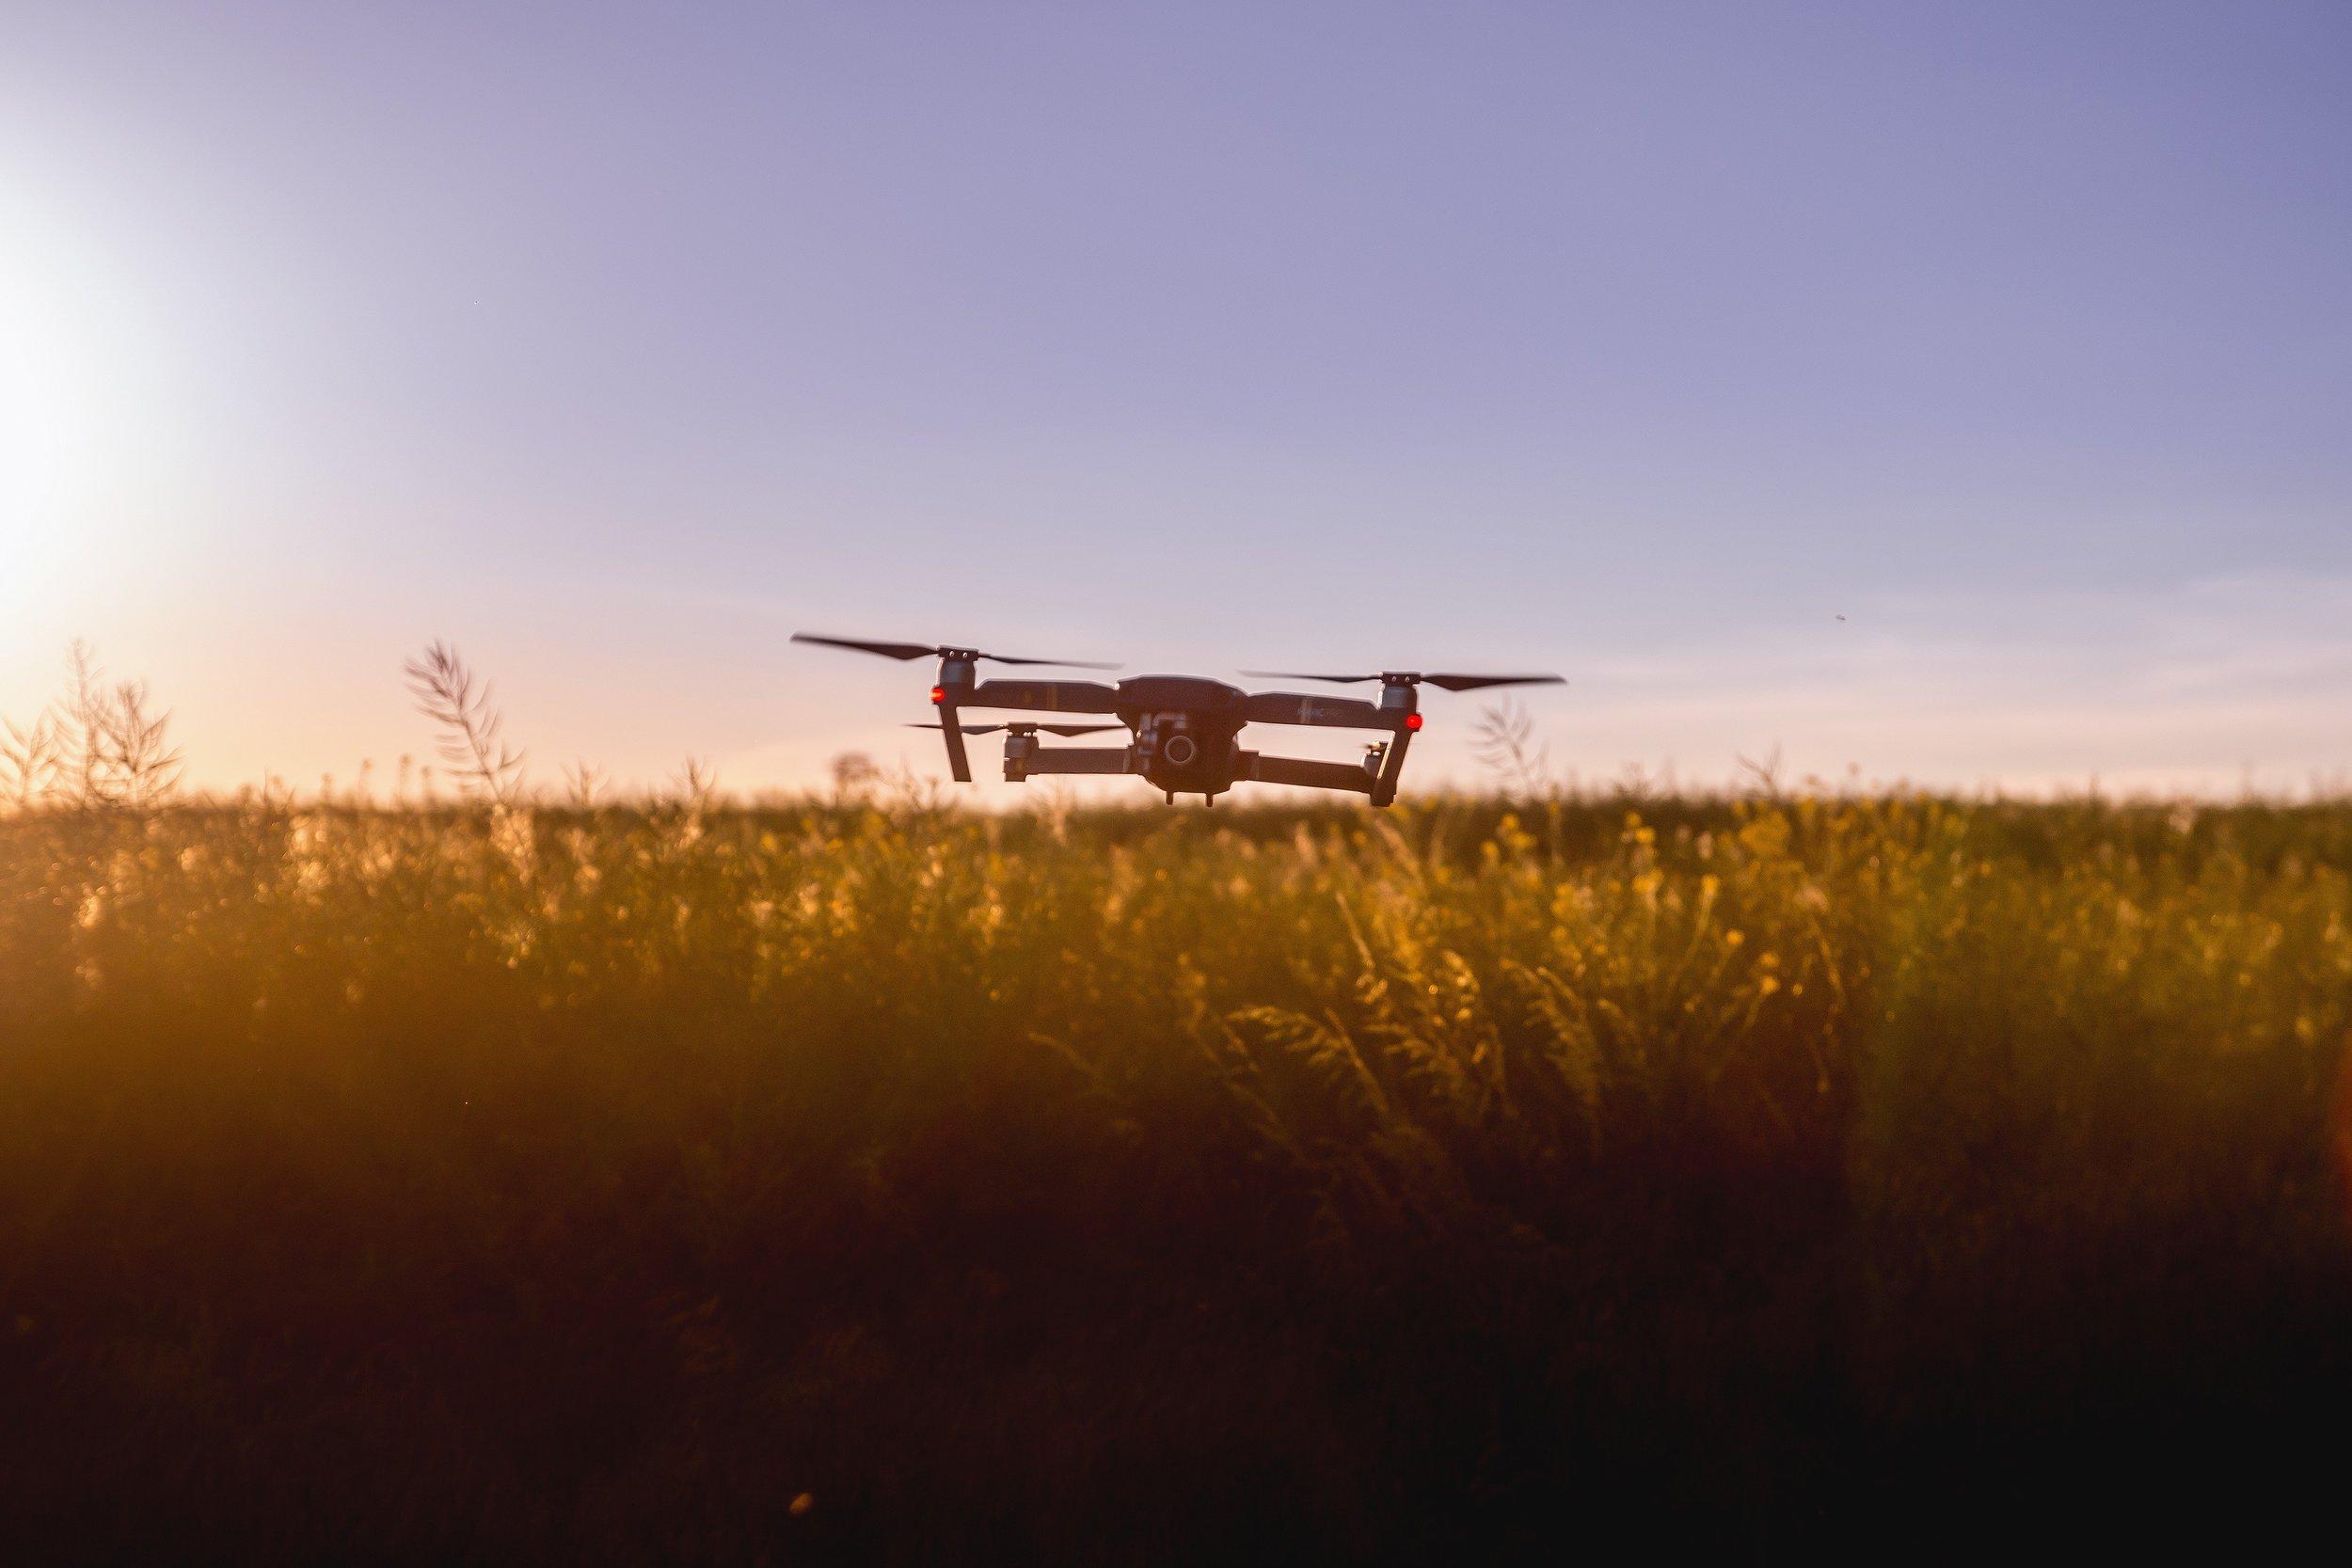 agriculture-air-aircraft-442589.jpg